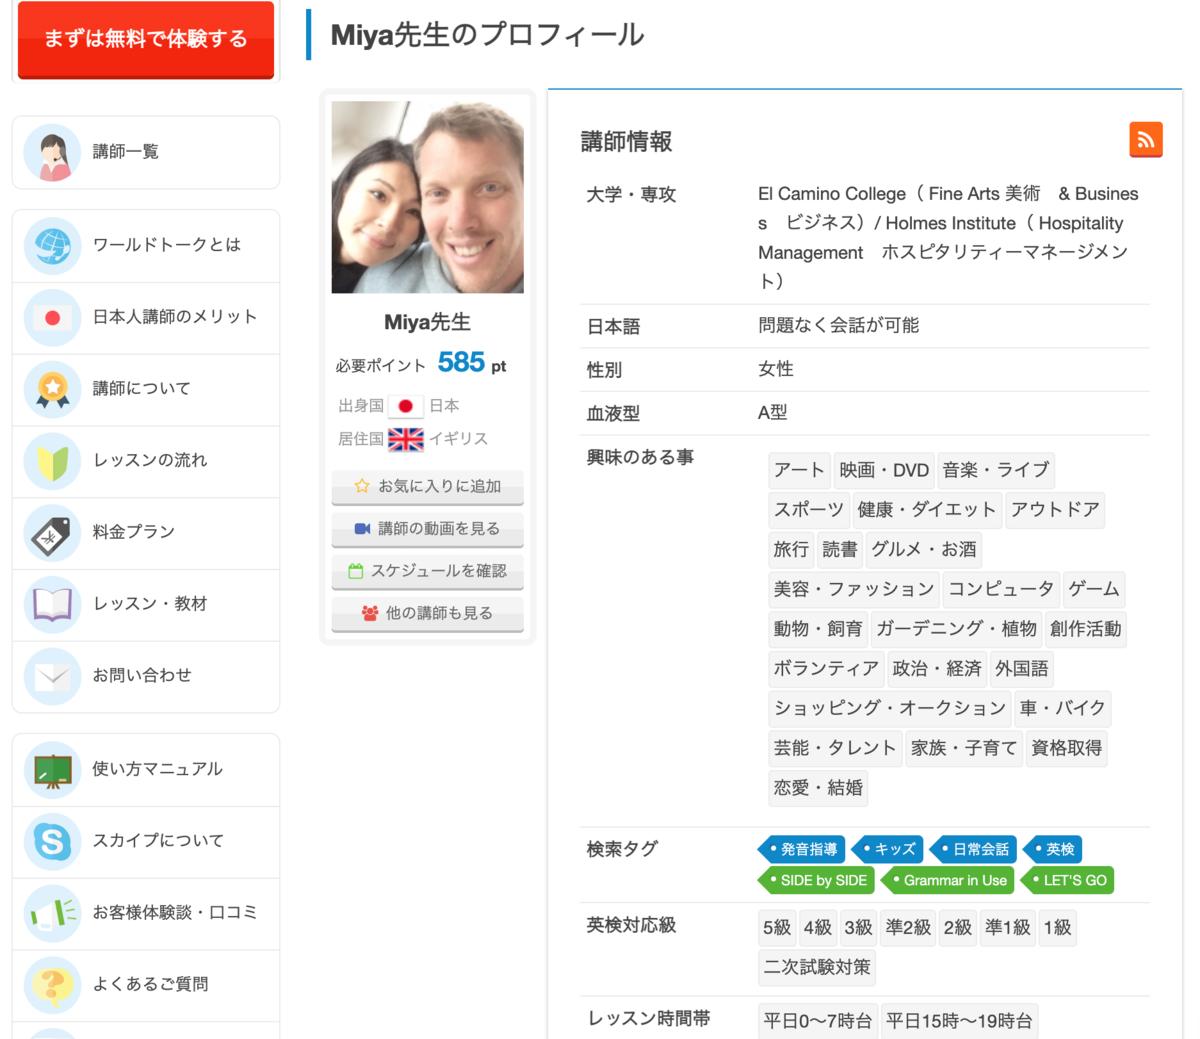 f:id:tsubasa77:20210201003528p:plain